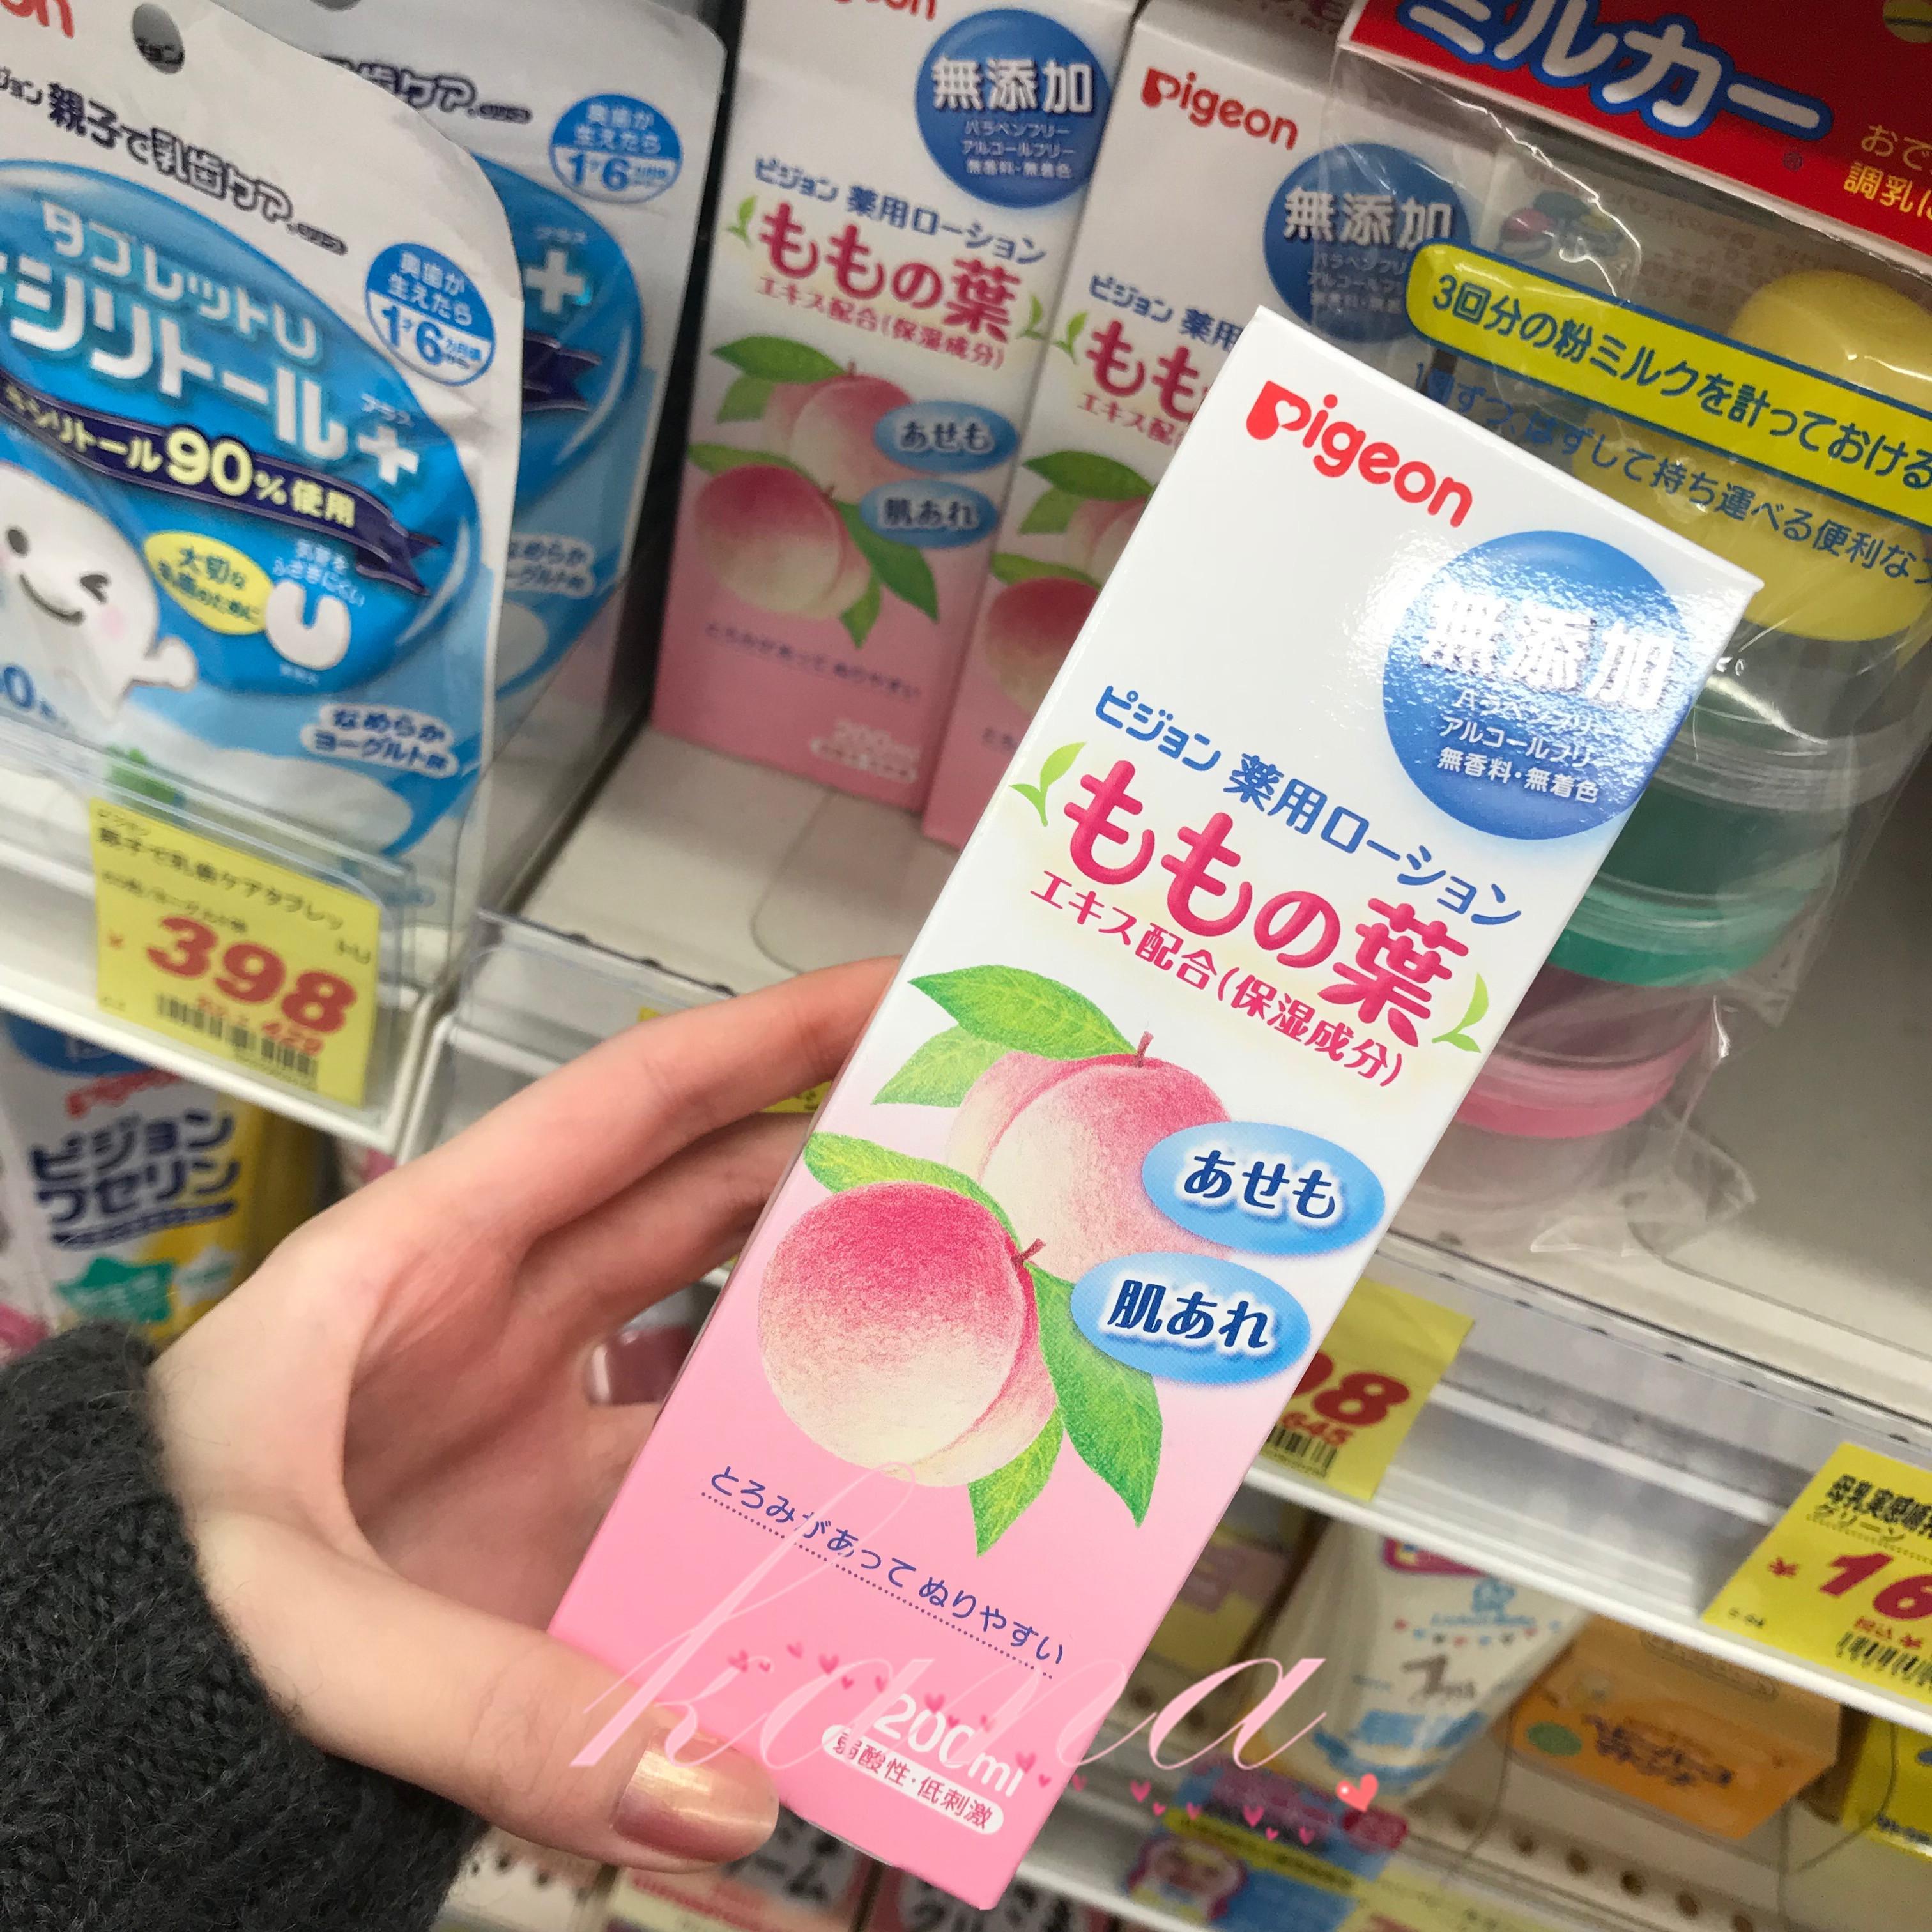 包邮 日本贝亲桃子水 婴儿液体爽身粉桃叶水保湿防痱子水200ml